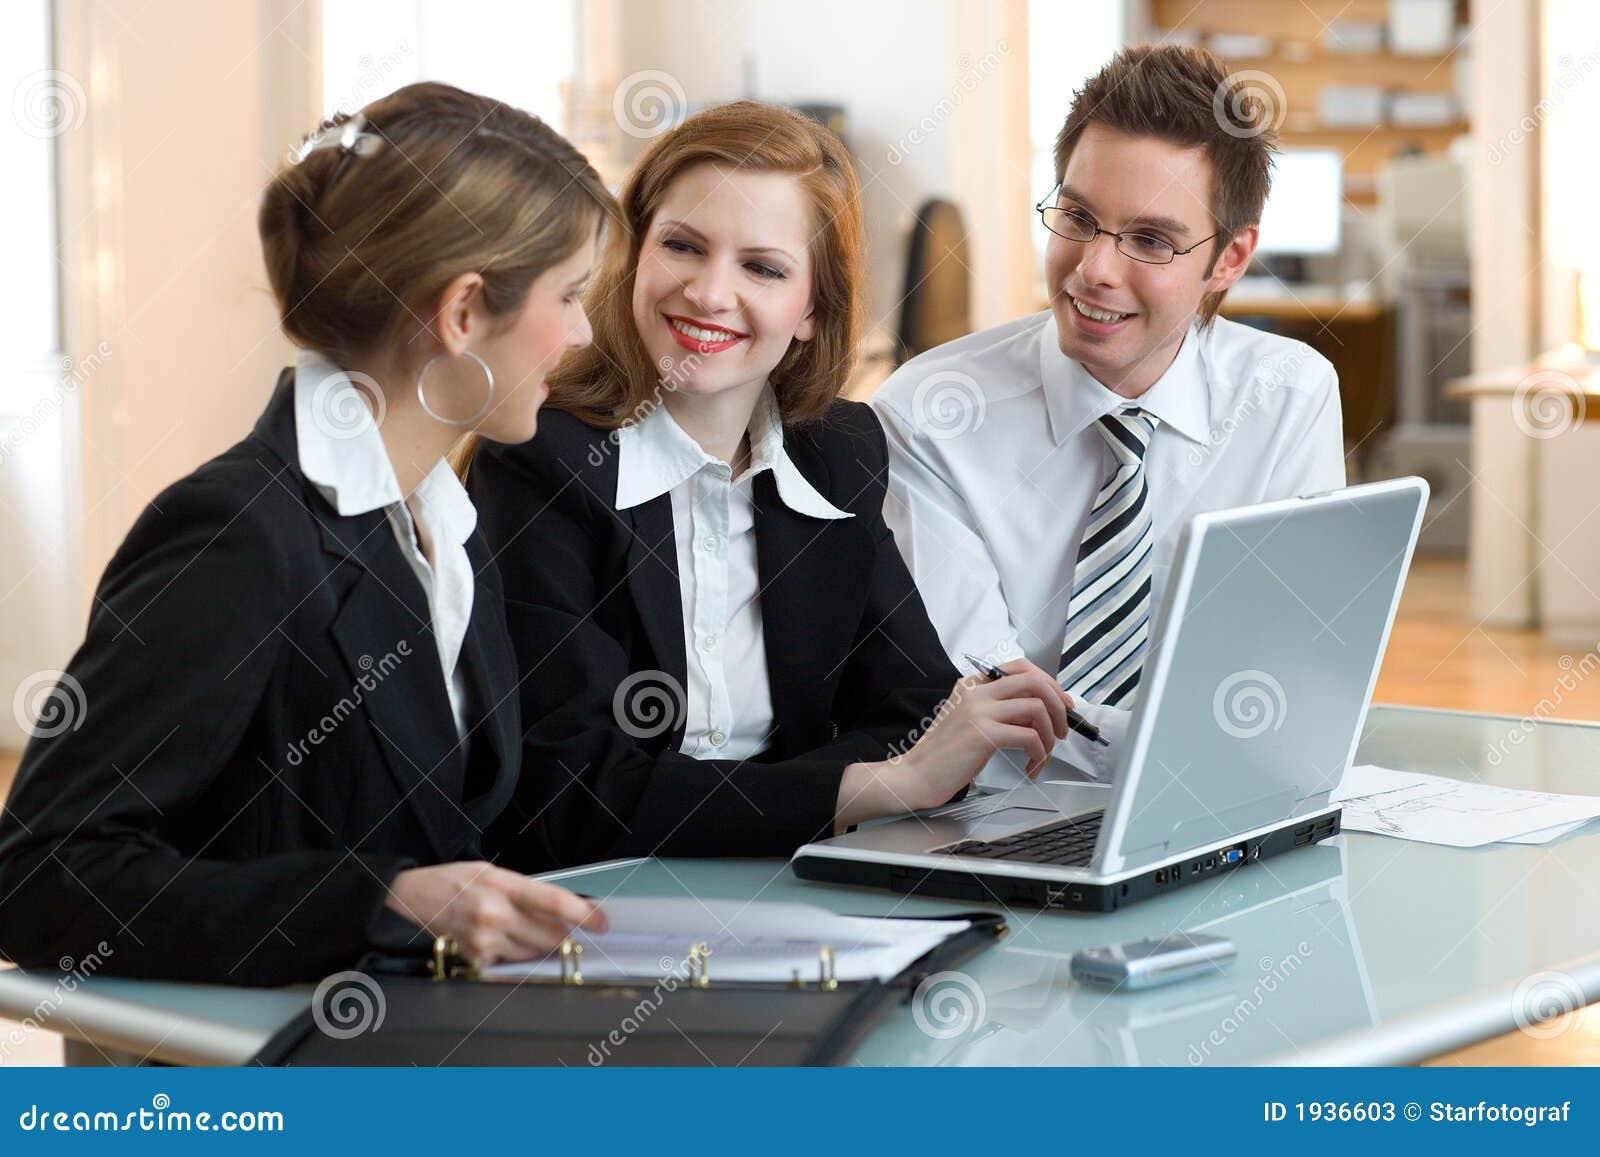 Work Group Meeting 78